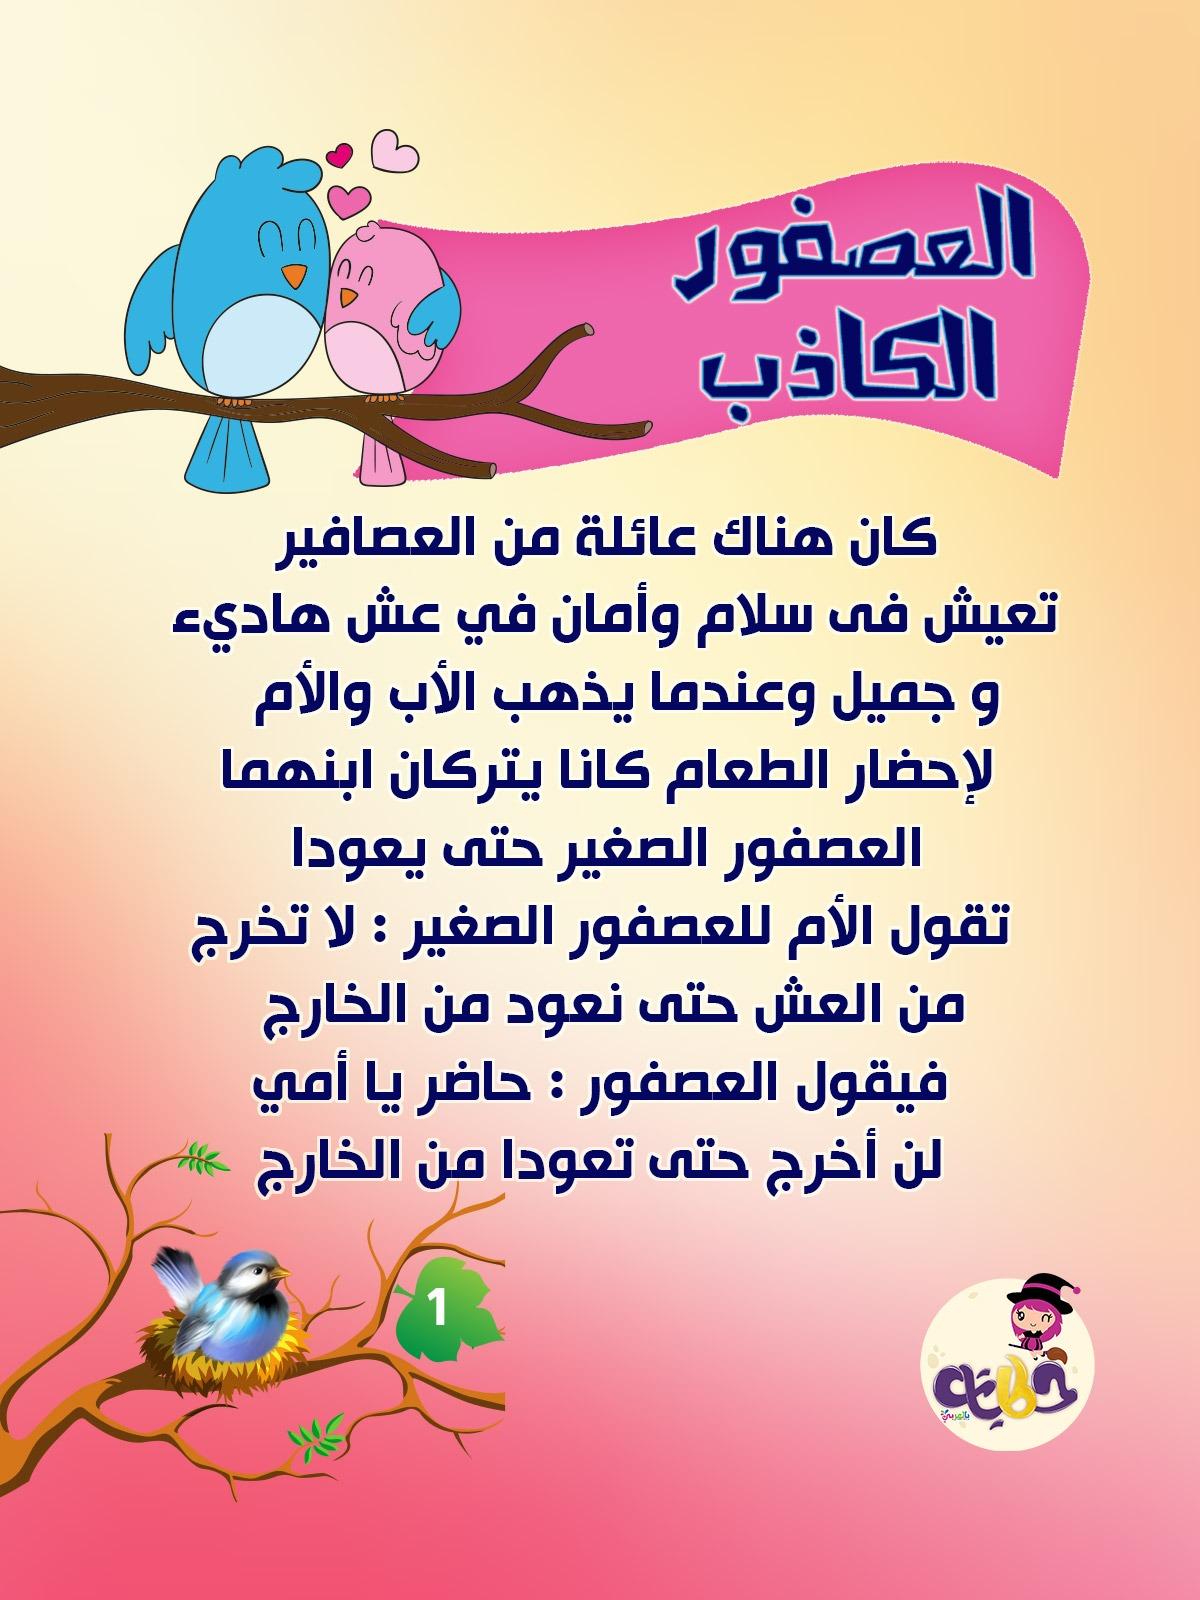 قصة العصفور الكاذب لتعليم الطفل الصدق بتطبيق حكايات بالعربي قصص اطفال هادفة